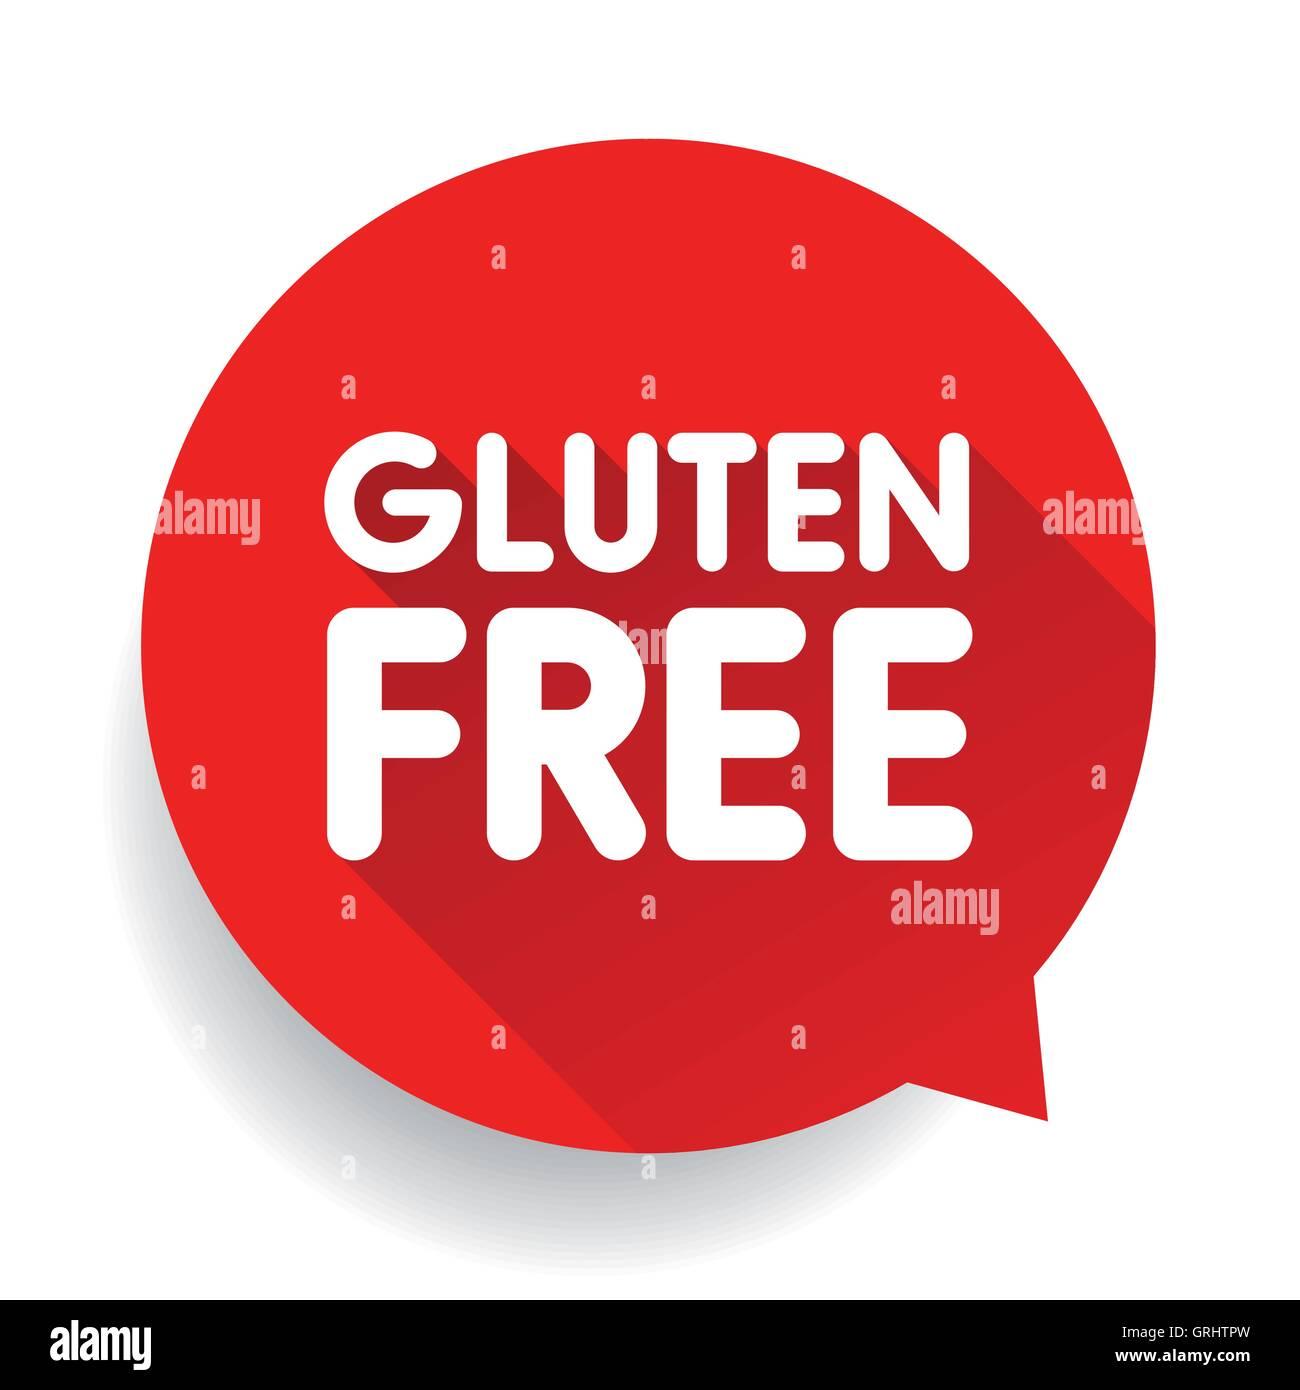 Gluten Free Icon Flat Icon Stock Photos & Gluten Free Icon